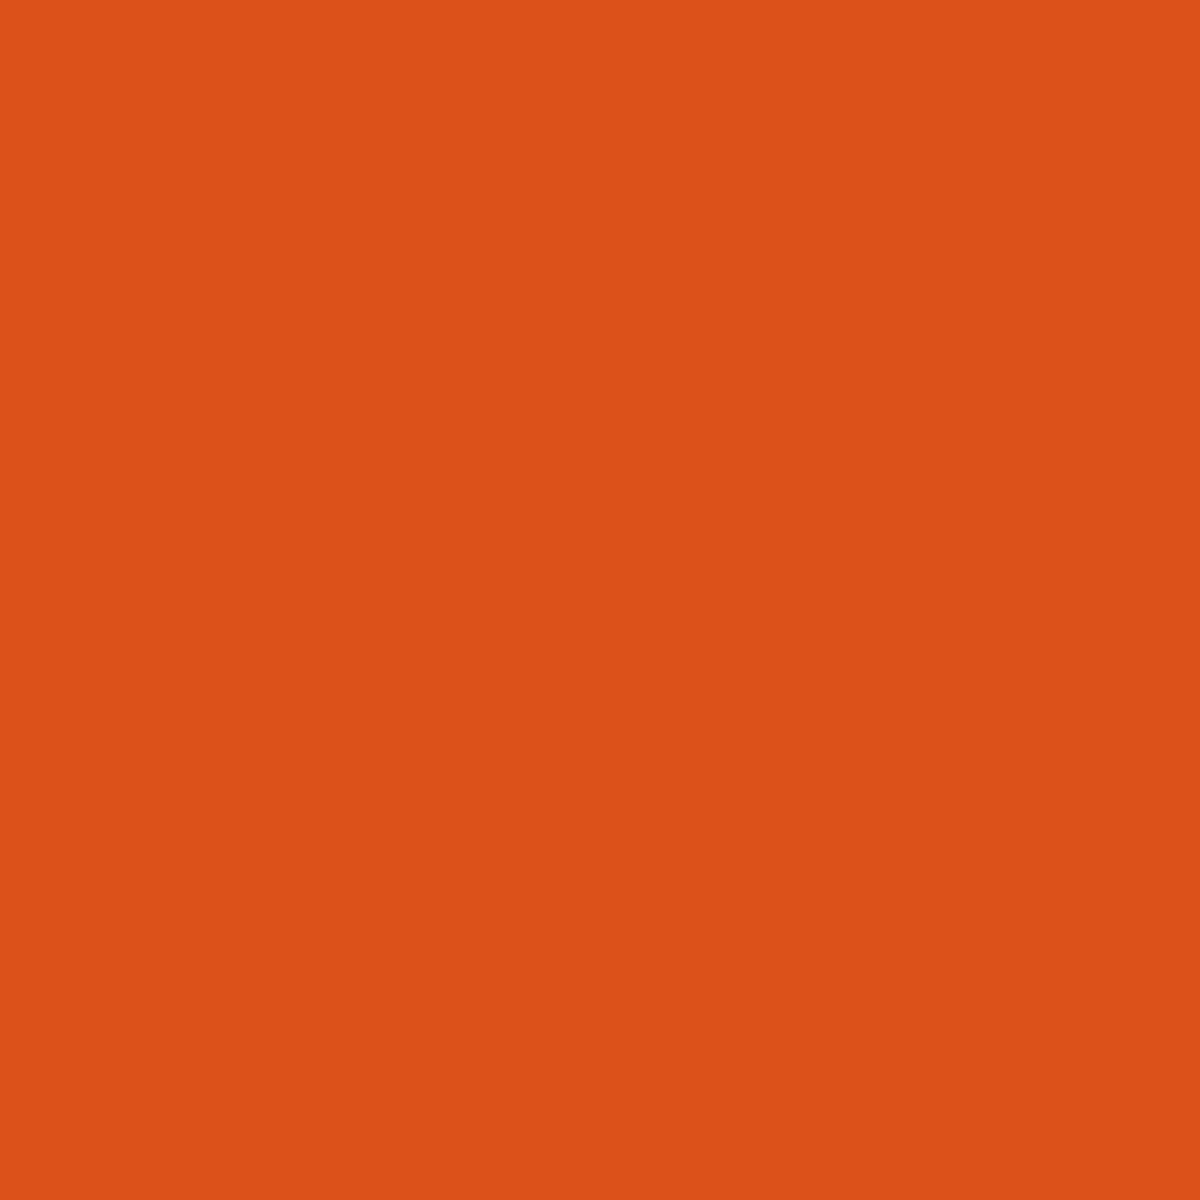 Vopsea lavabilă Chalkboard Festive Orange, Benjamin Moore, 1 litru / cutie